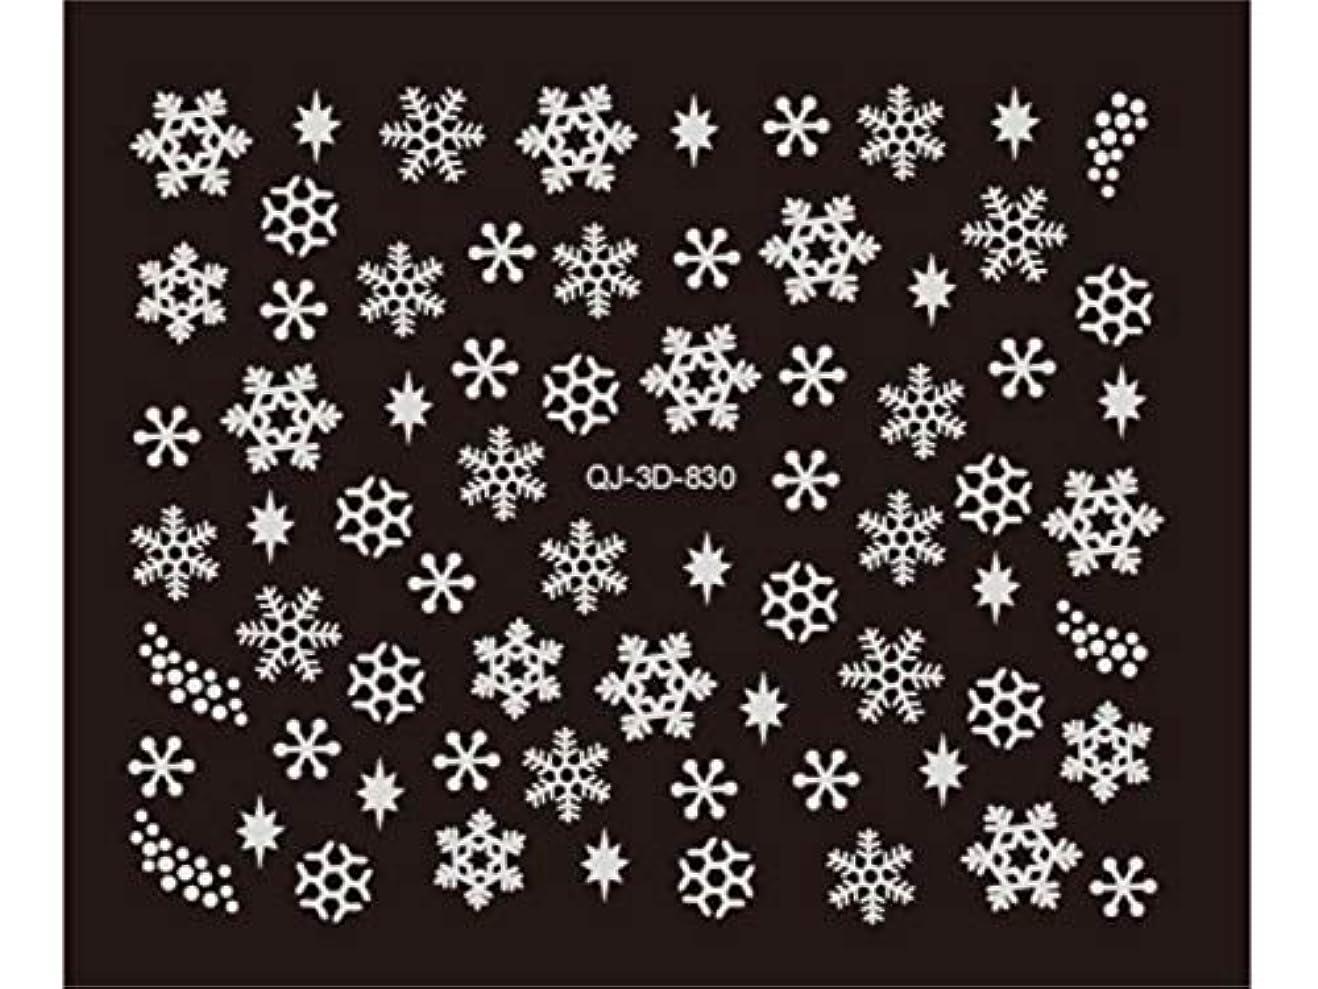 調和のとれた有罪押すOsize 3Dフラワーネイルアートステッカーデカールデコレーションホットスタンプシリーズ(ホワイト)